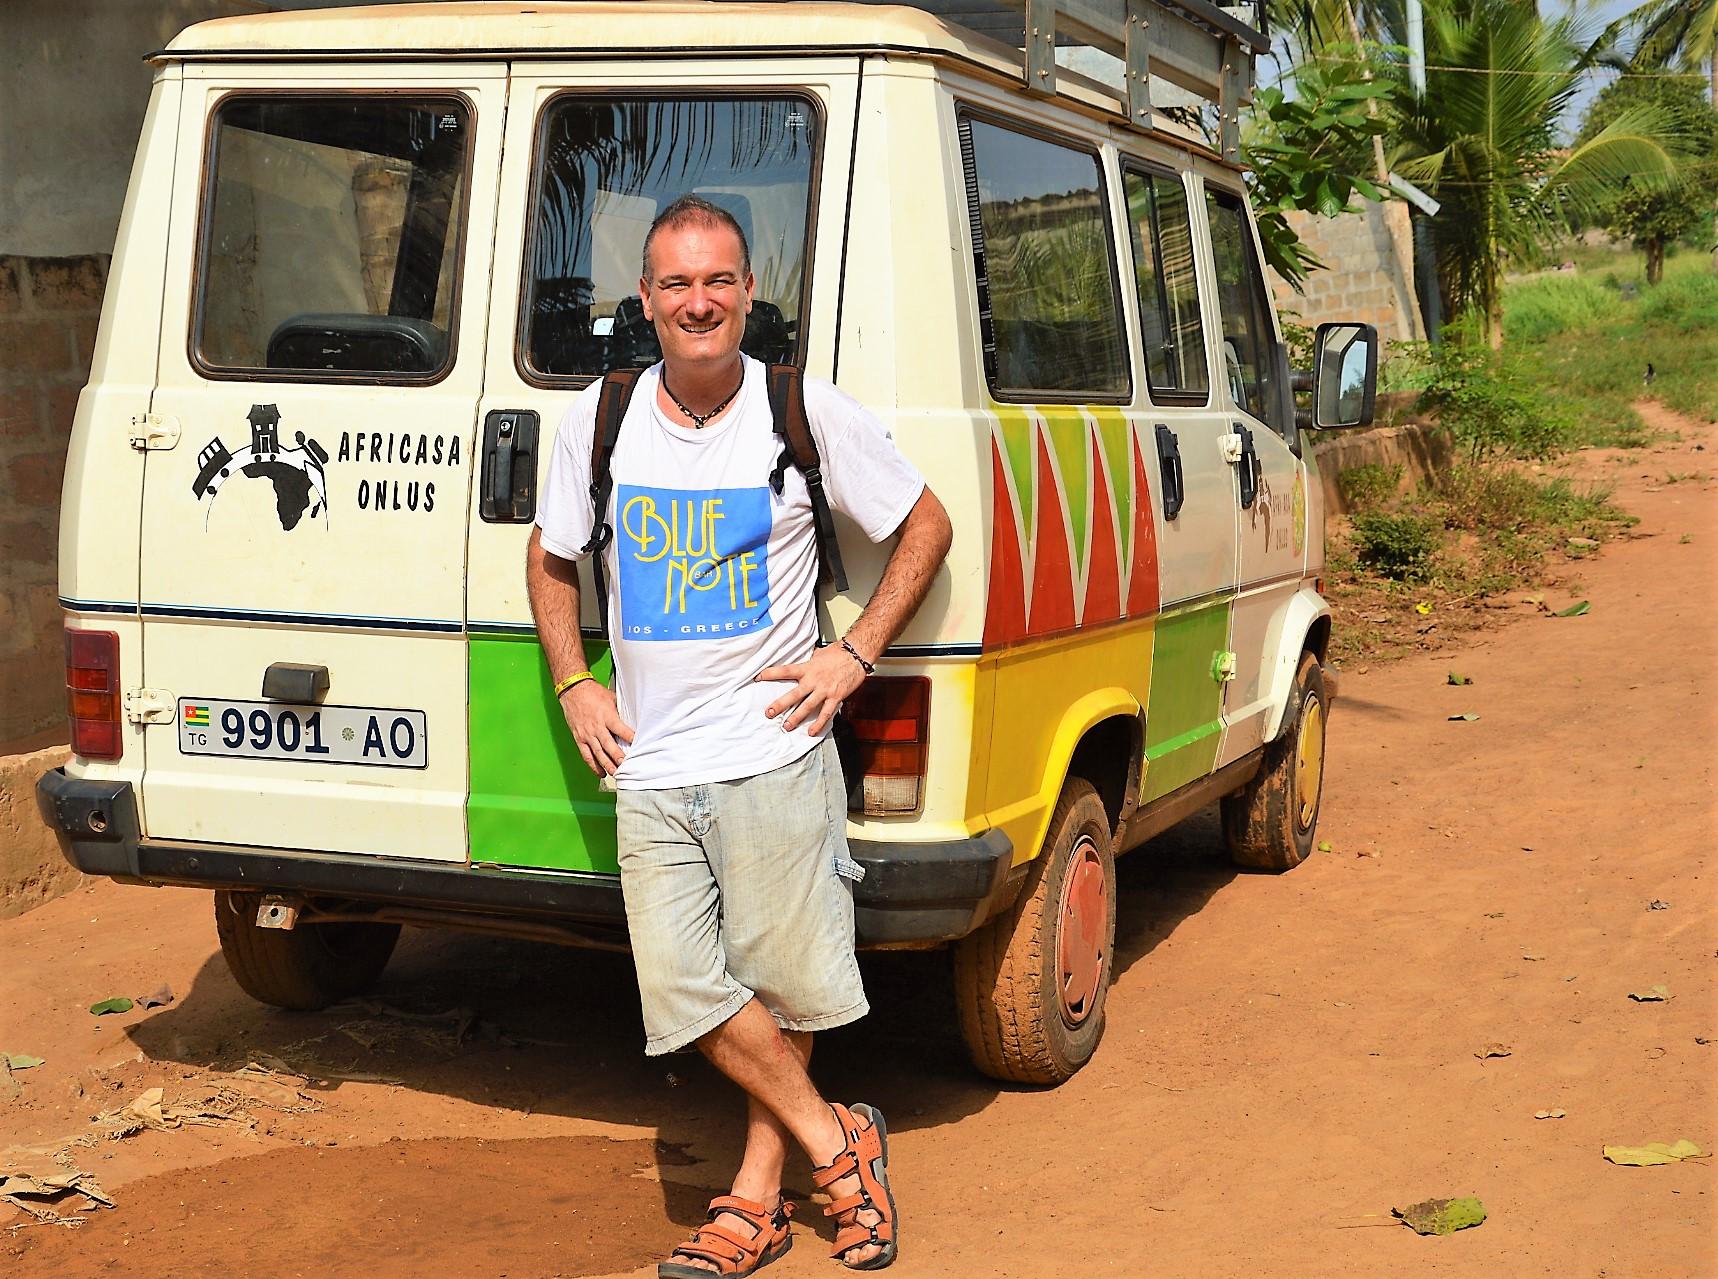 Uno yovo a Lomé: quando stravolgere i piani di viaggio non è tempo perso